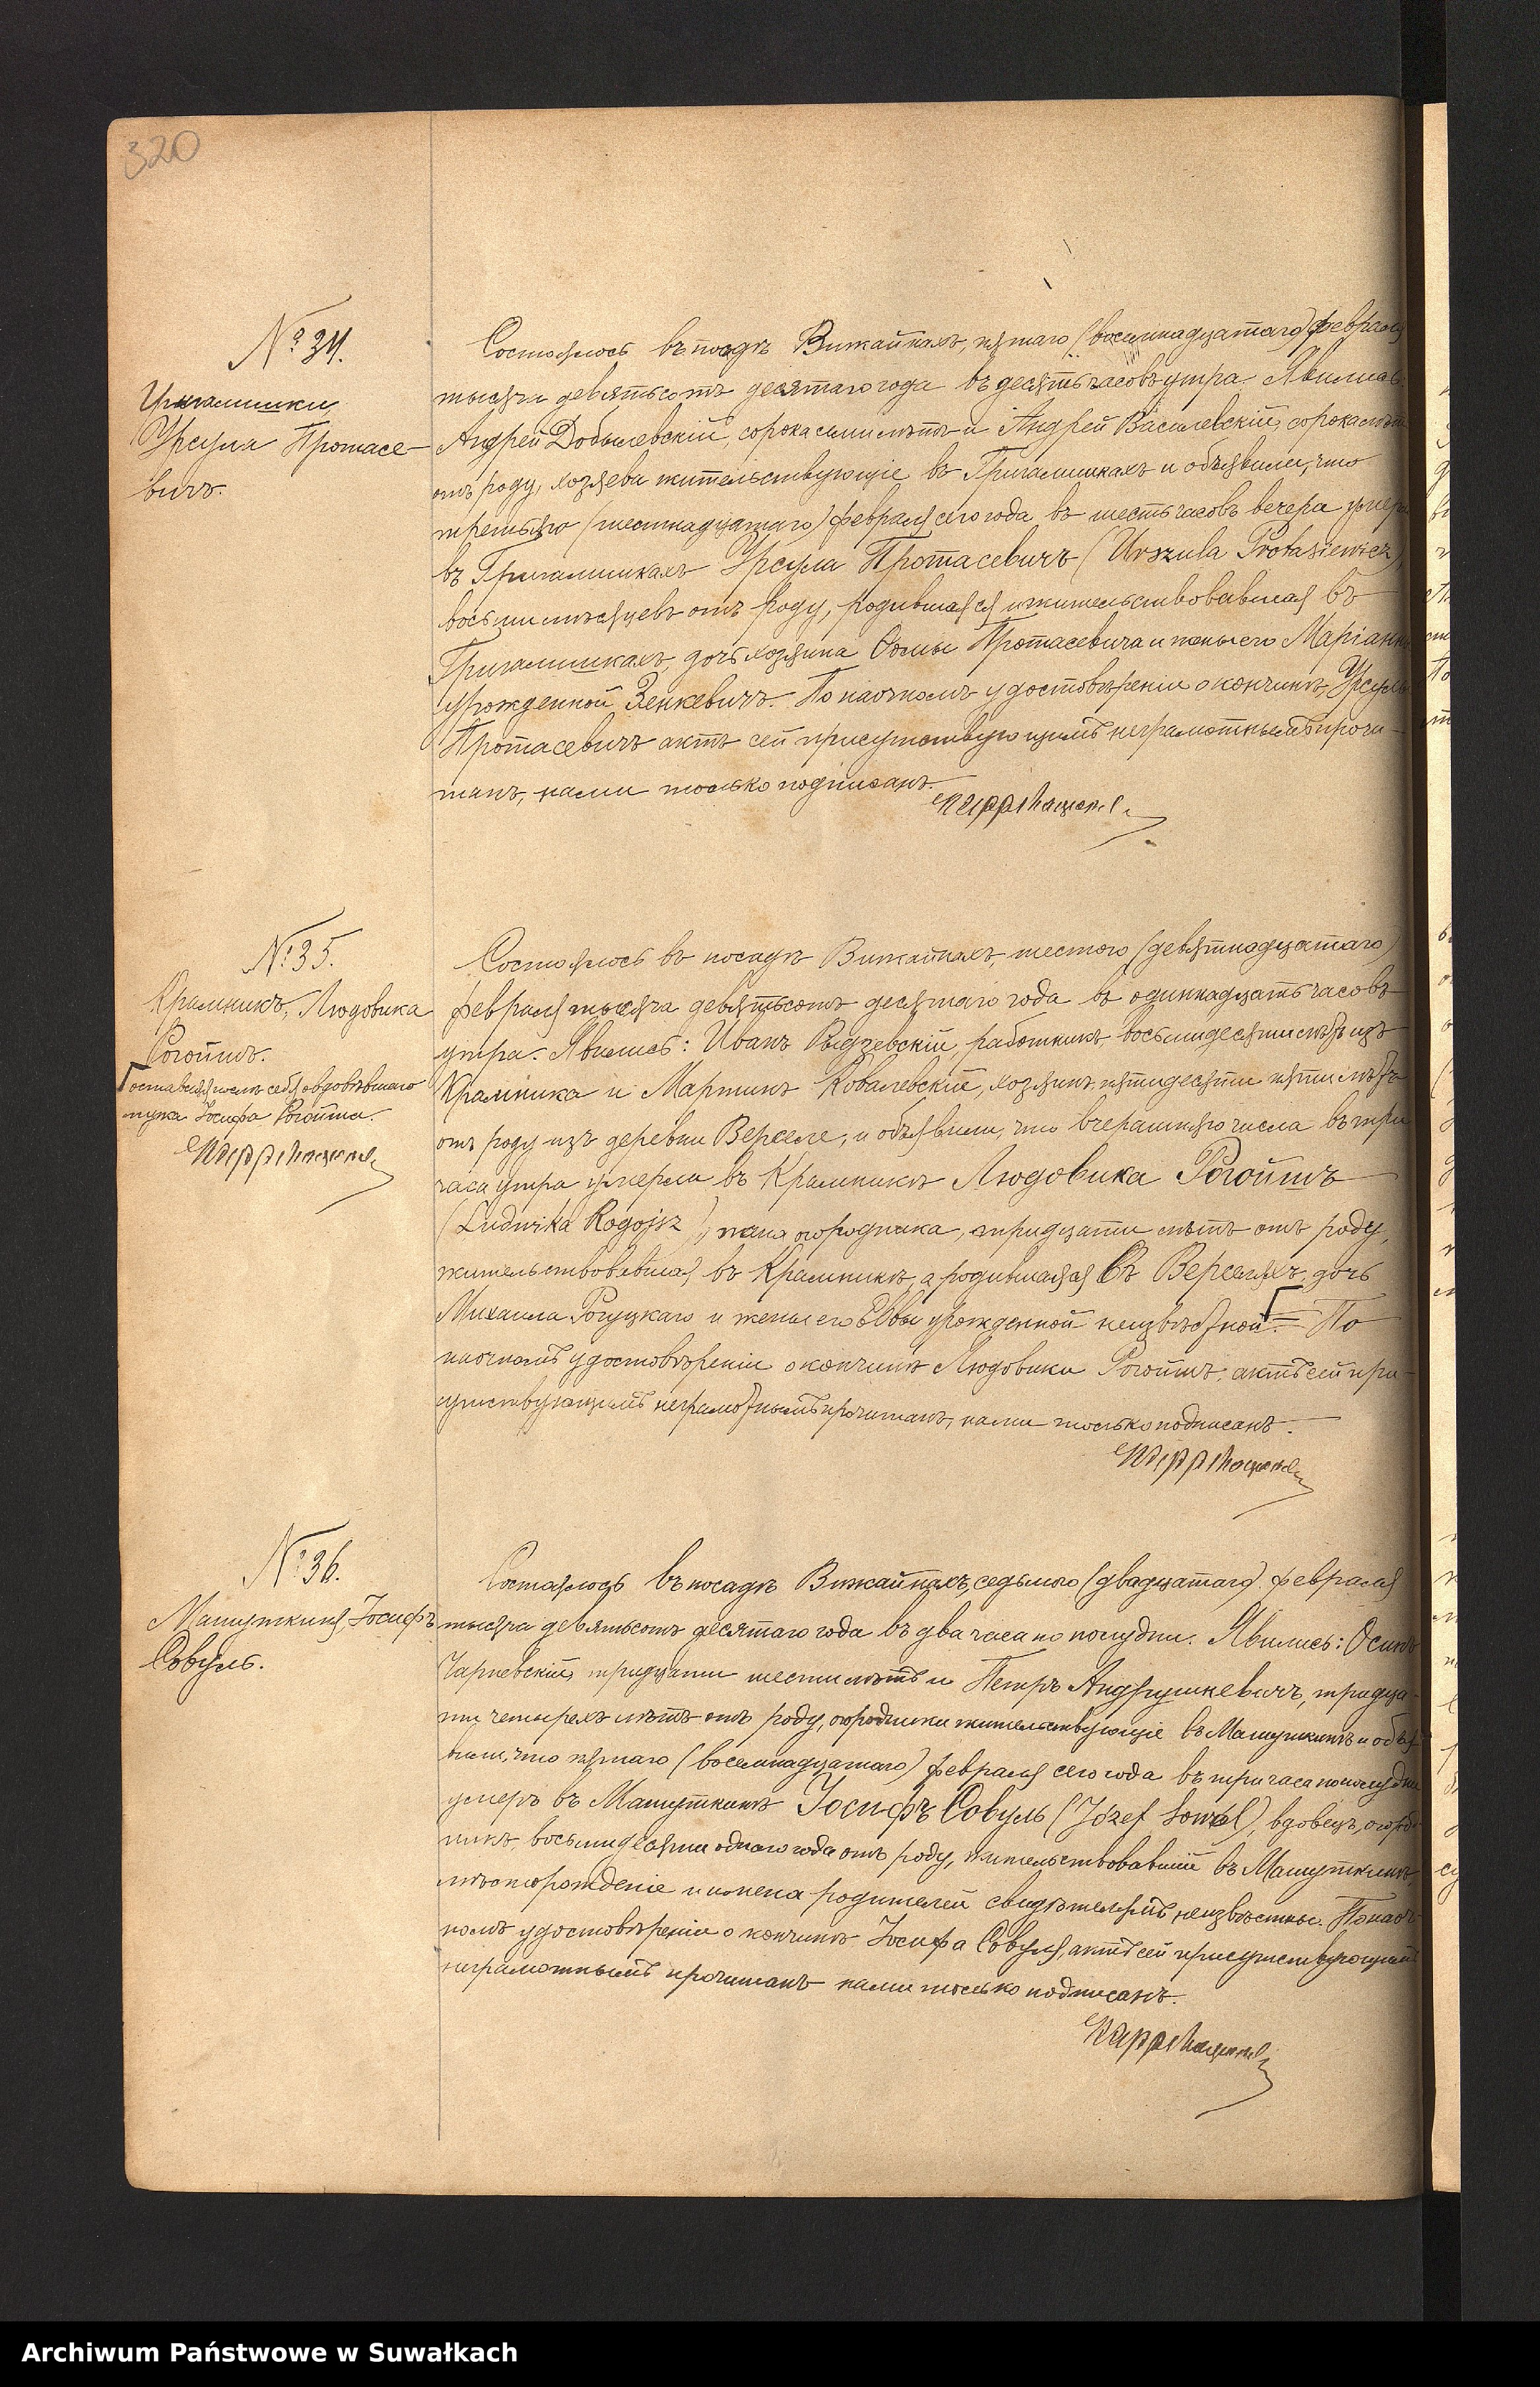 Skan z jednostki: Akta zgonów 1900-1917